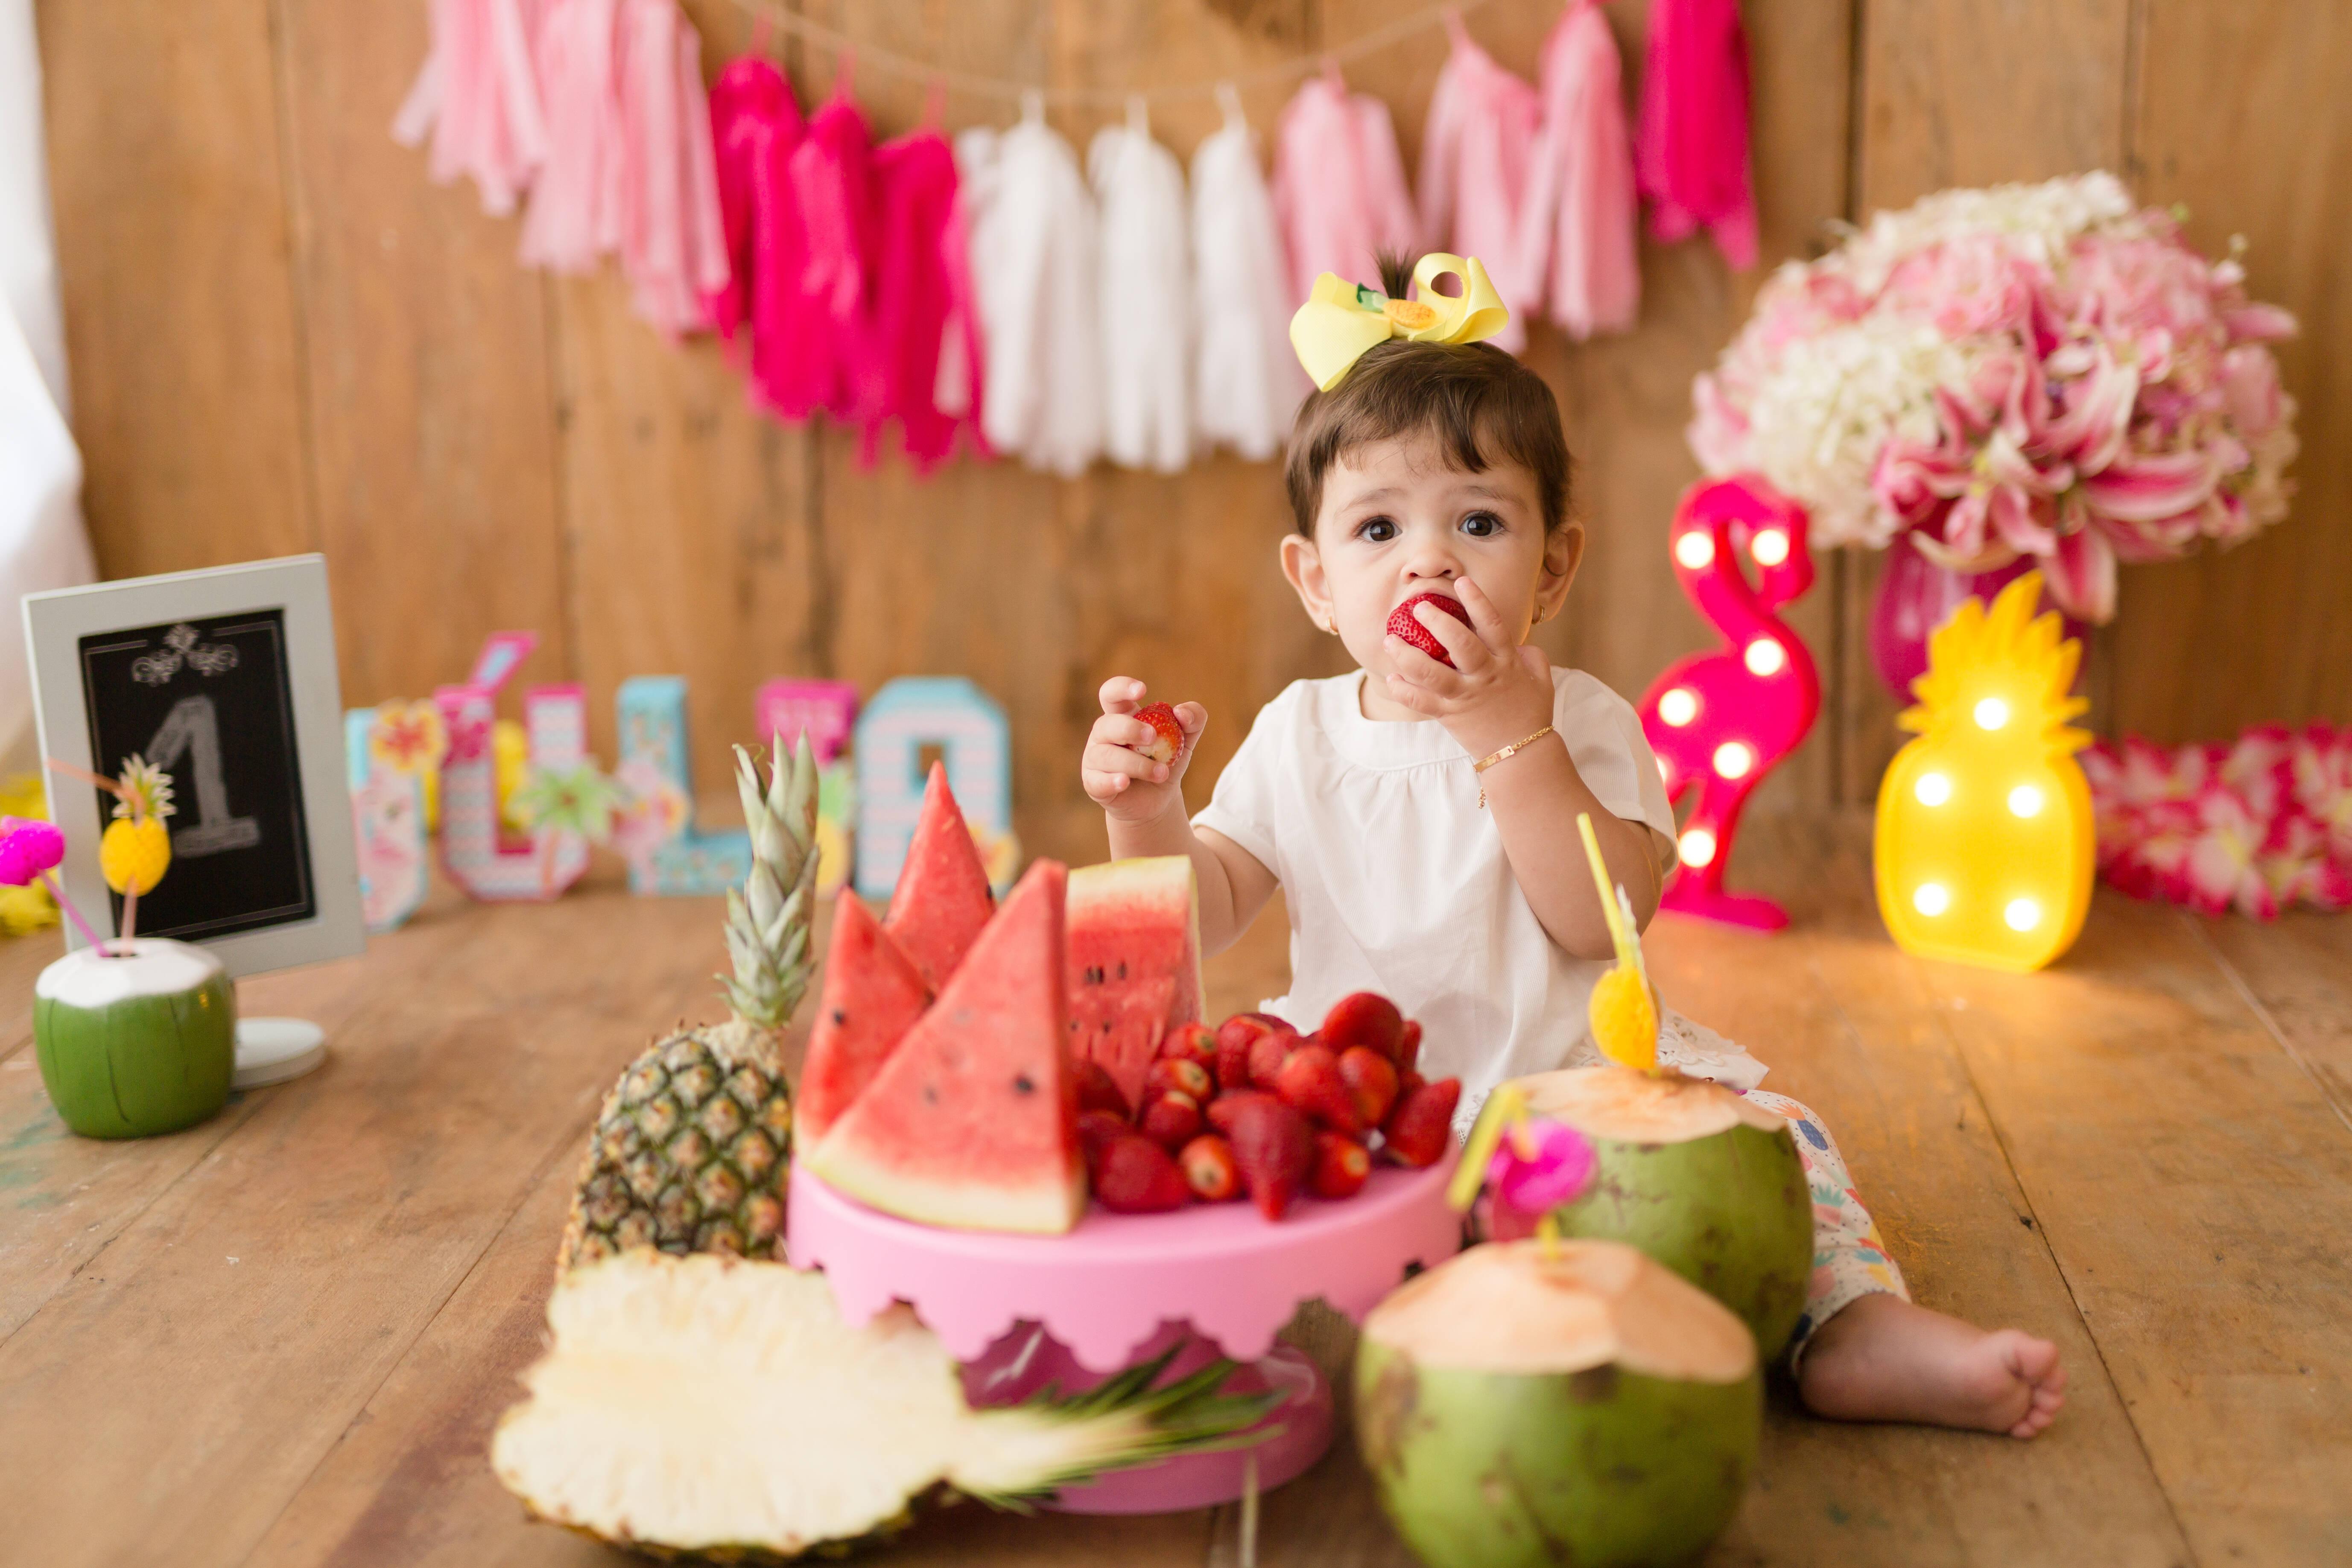 """A ideia de ensaios como """"Smash the Fruit"""" e """"Smash the Cake"""" é deixar a criança experimentar os sabores e fazer bagunça. Foto: Divulgação/Nina Estanislau"""